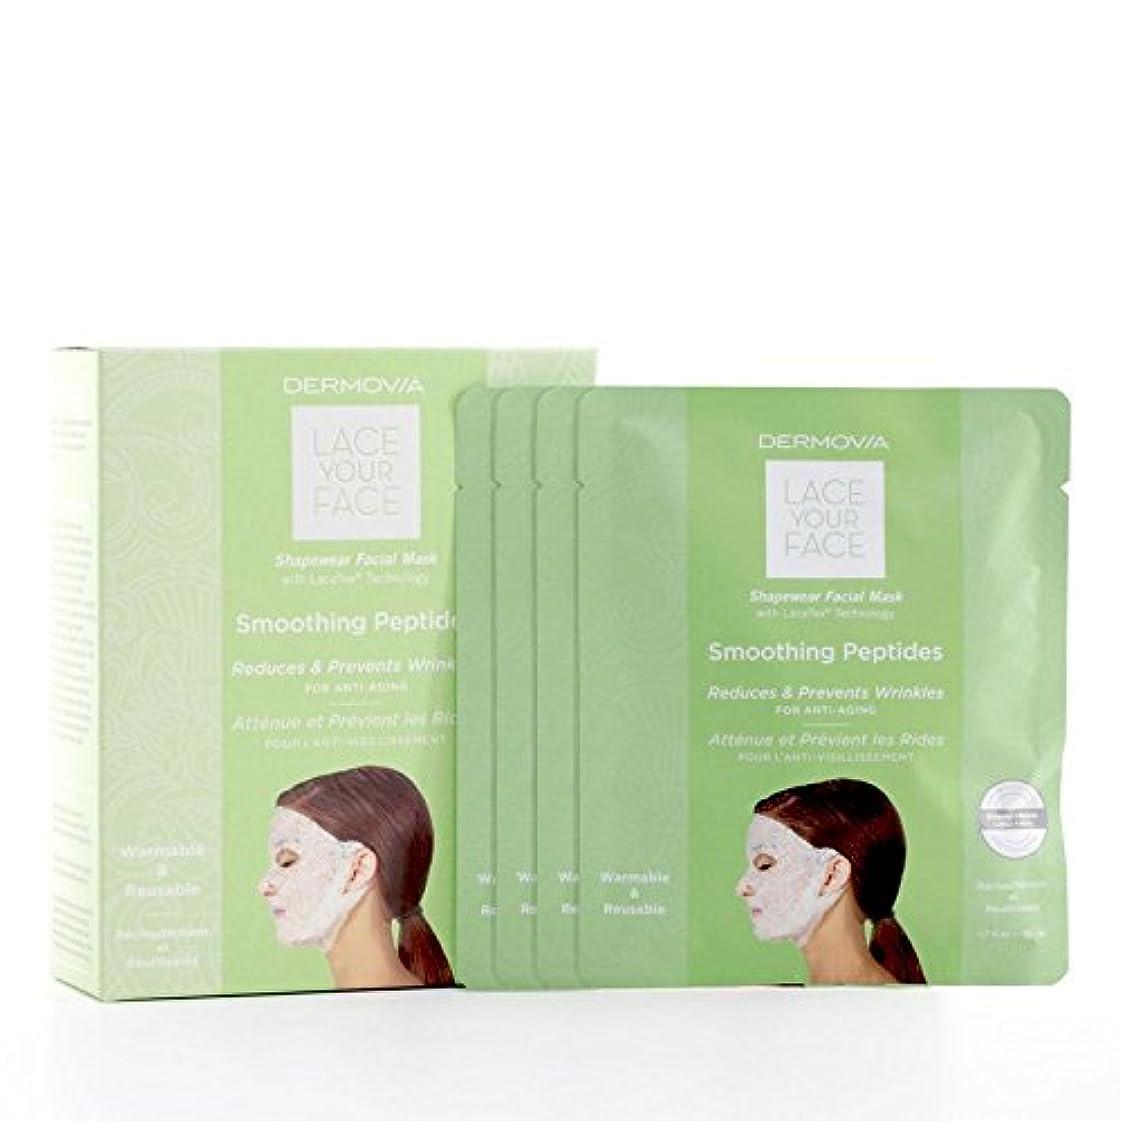 要求するどっち急降下Dermovia Lace Your Face Compression Facial Mask Smoothing Peptides (Pack of 6) - は、あなたの顔の圧縮フェイシャルマスク平滑化ペプチドをひもで...